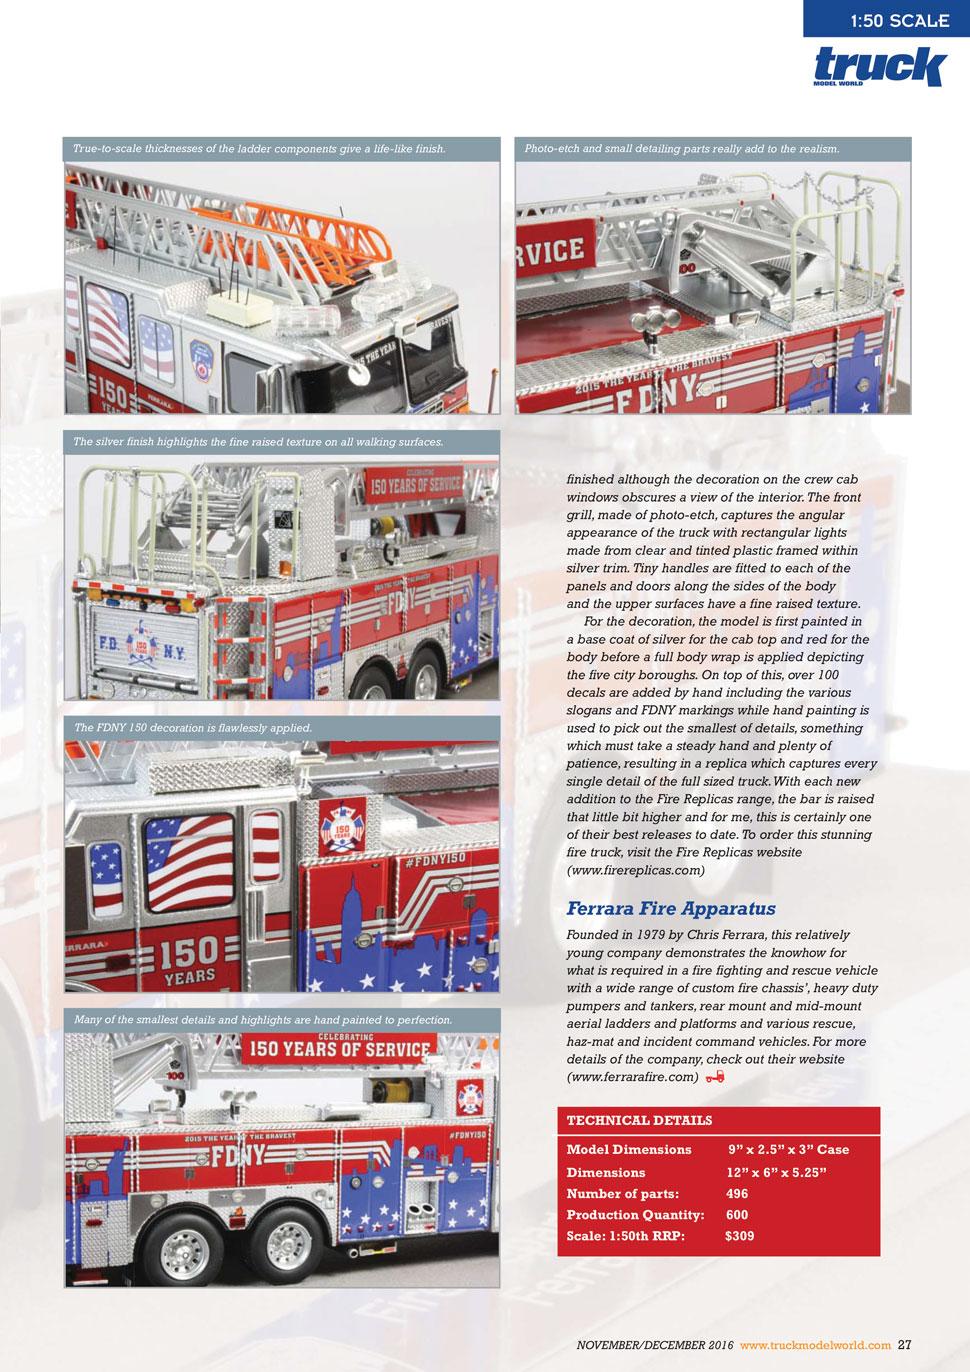 #FDNY150 as seen in Truck Model World, U.K. - page 2